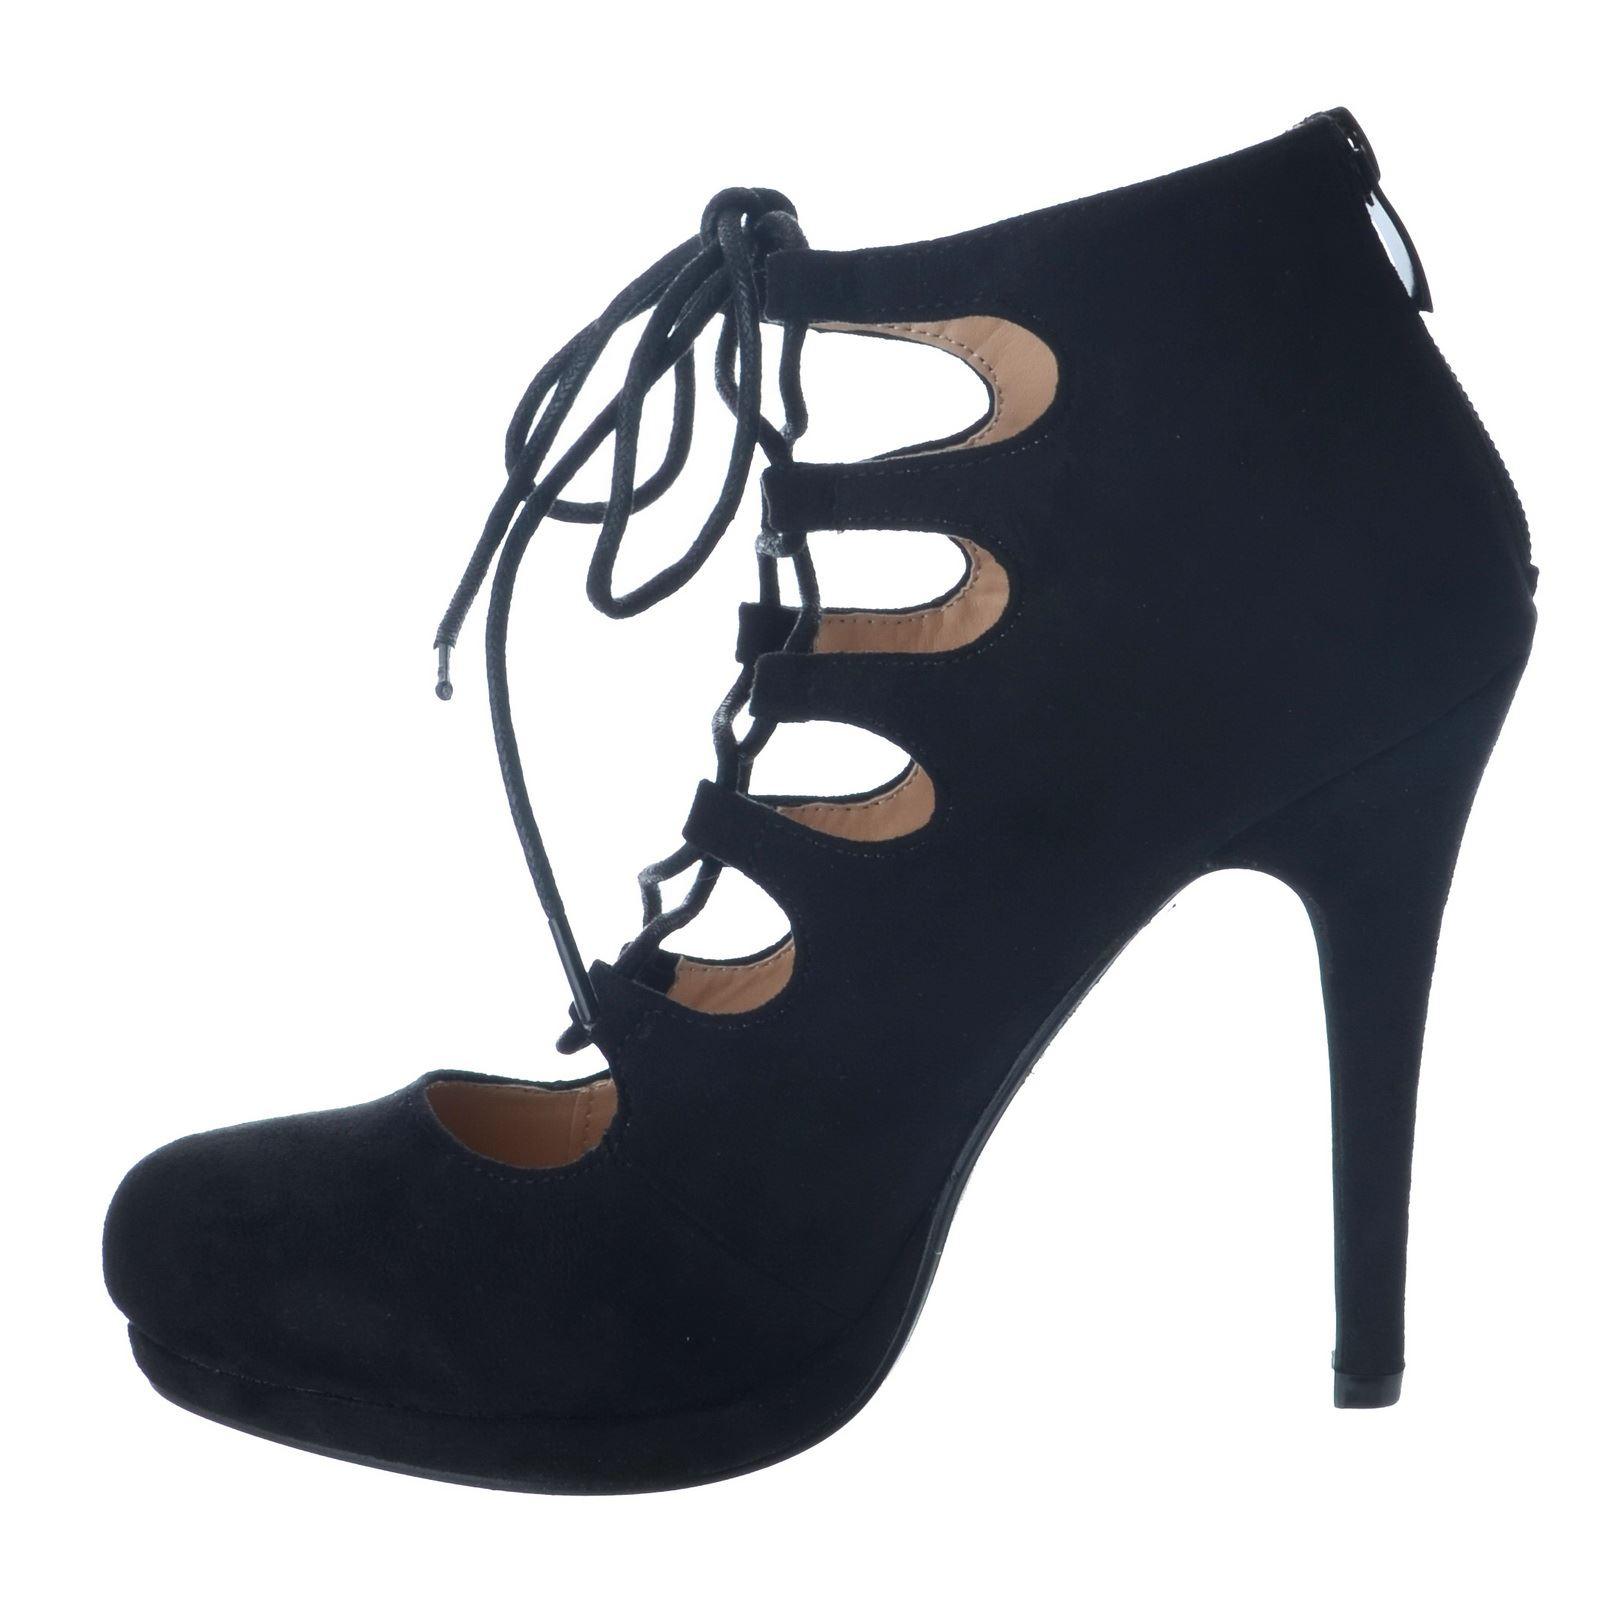 Femmes neuf talon haut gladiateur plateforme zip tie à lacets chaussures taille